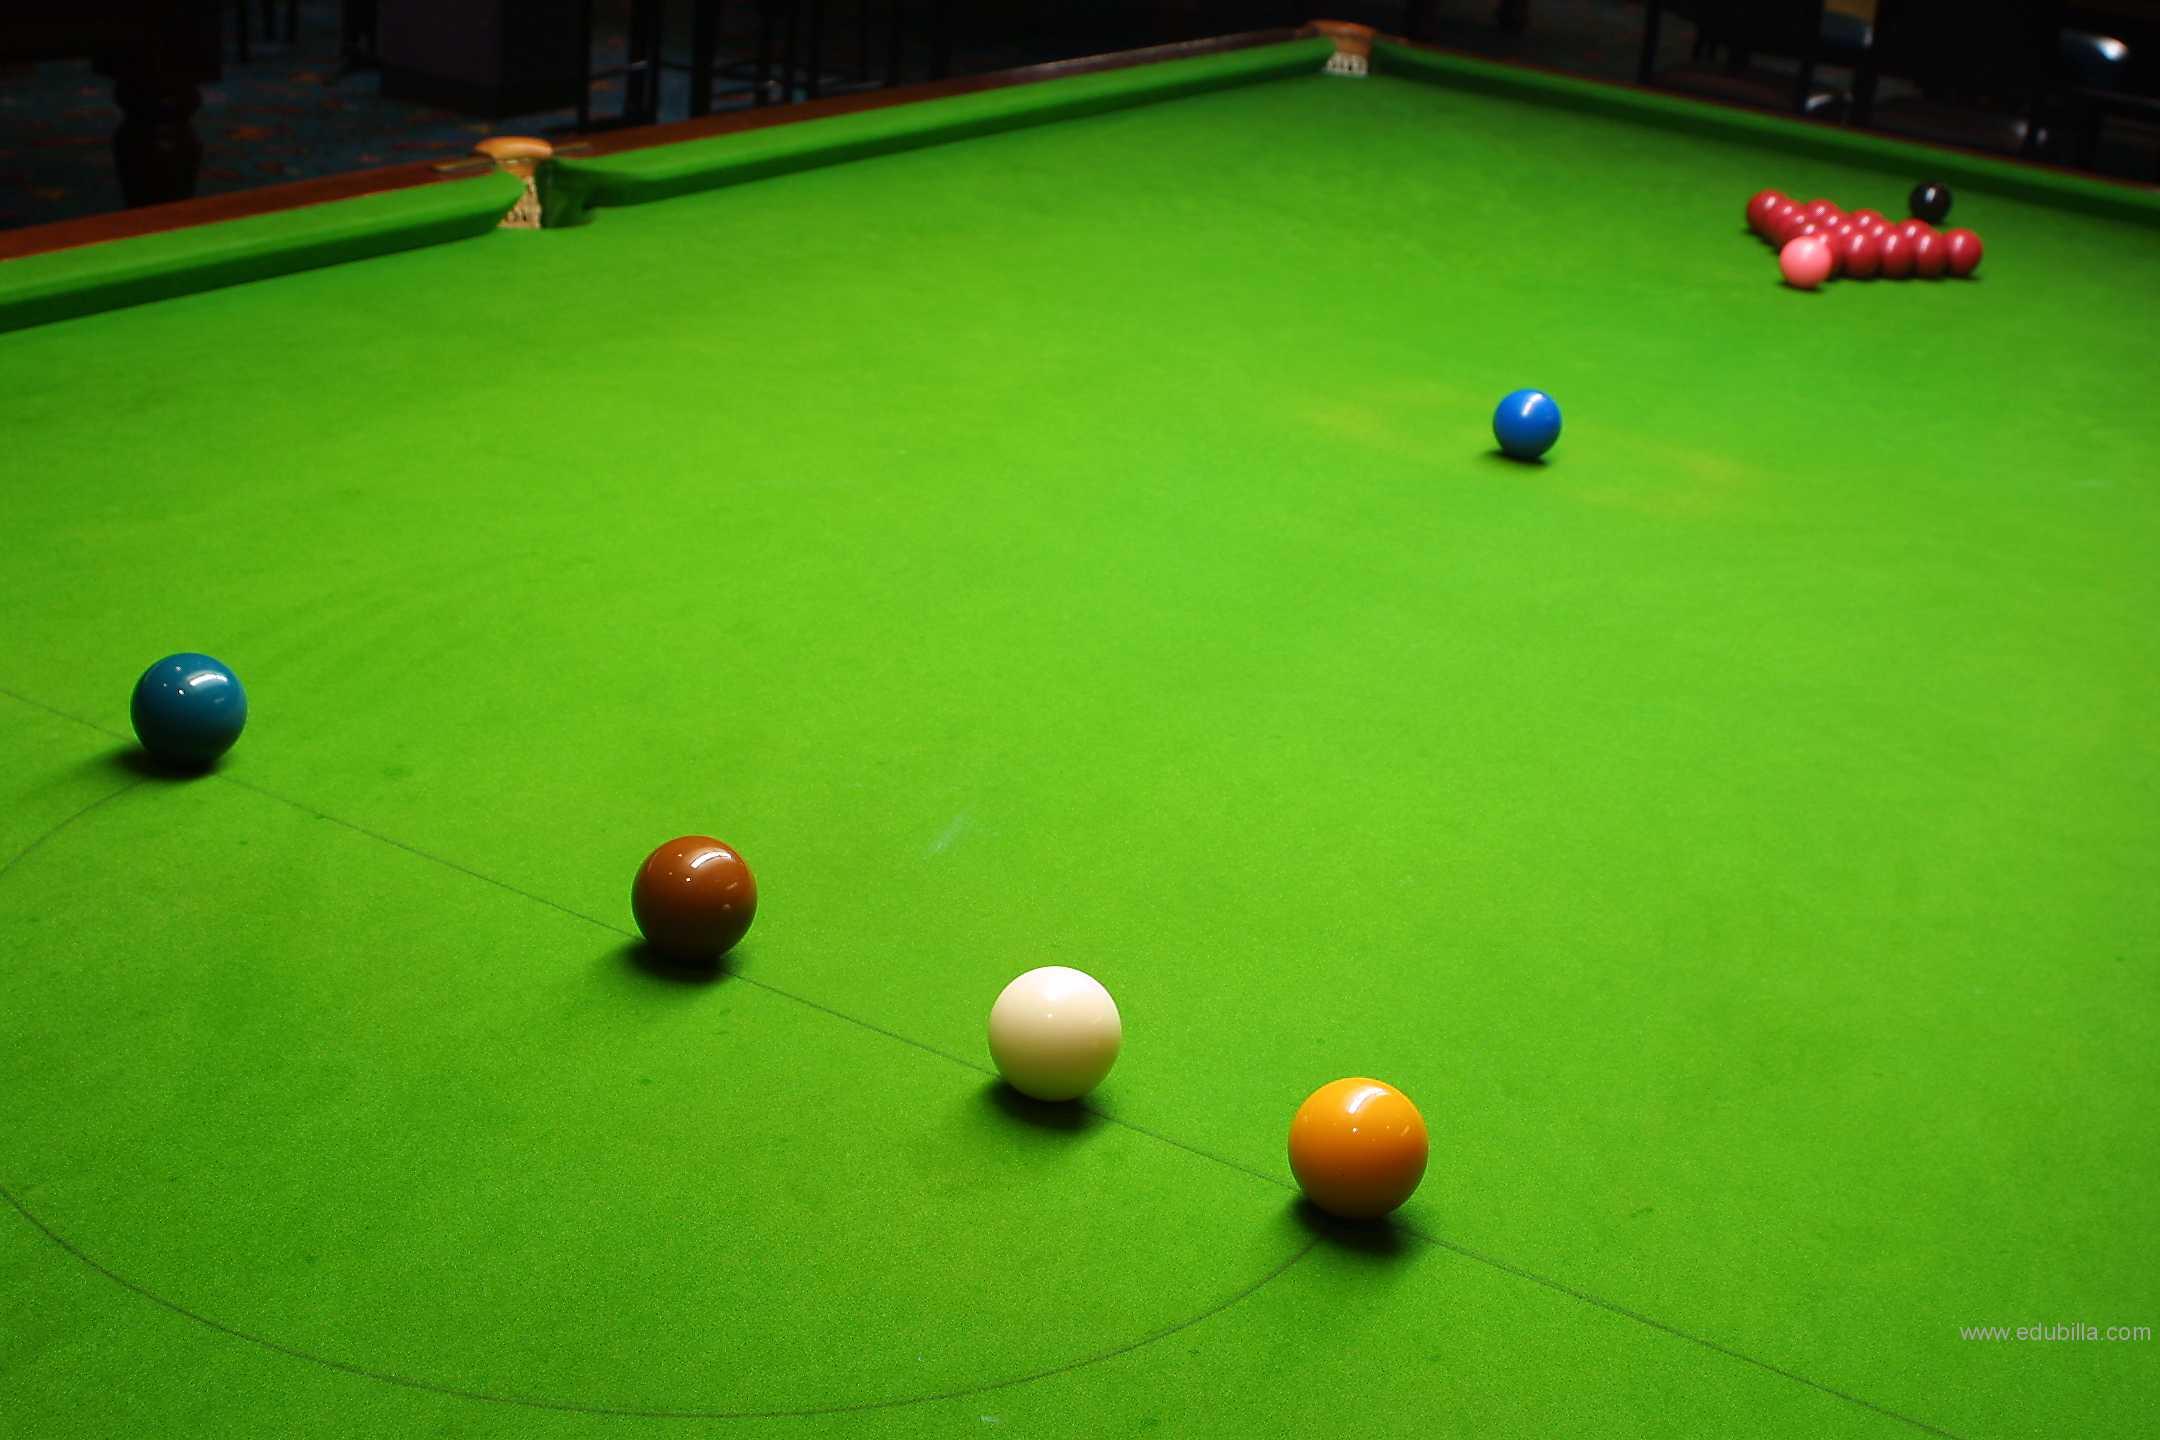 snooker games snooker rules snooker awards snooker equipments rh edubilla com